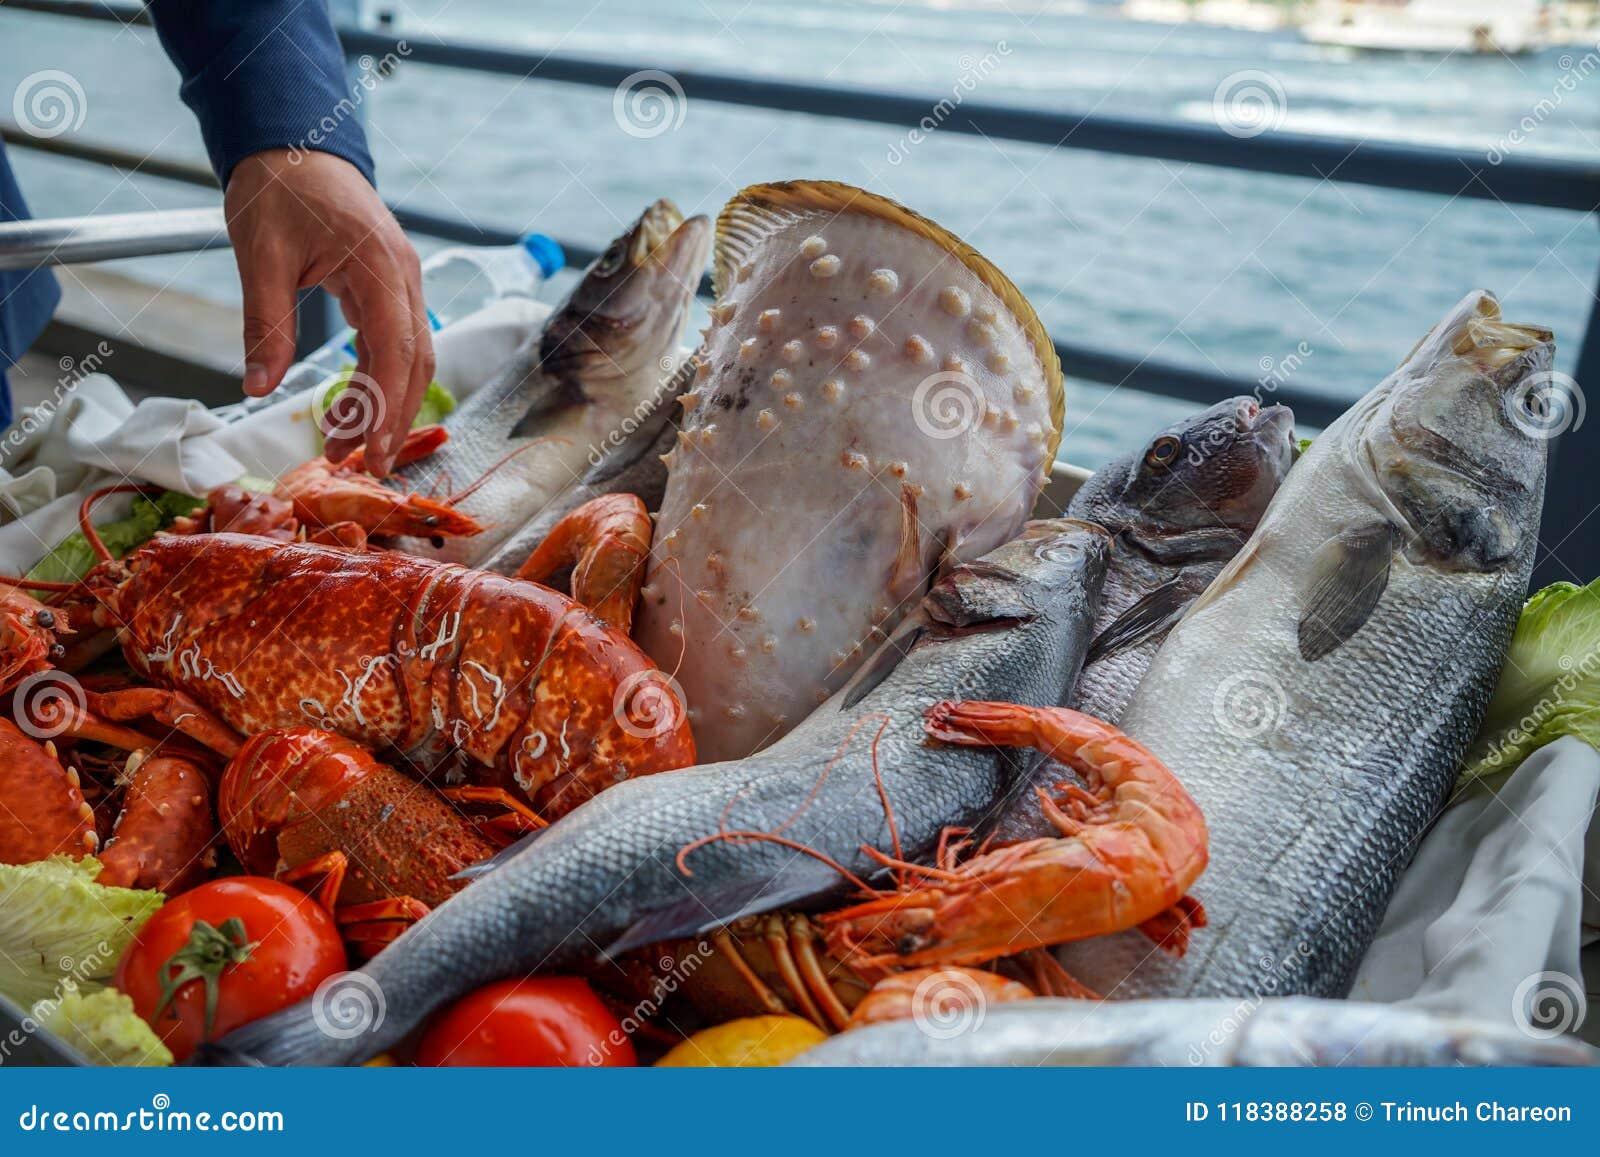 Neue Darstellung der rohen Meeresfrüchte auf Warenkorb am Küstenrestaurant mit einer Mannhand einschließlich Fische, Garnele, Obe